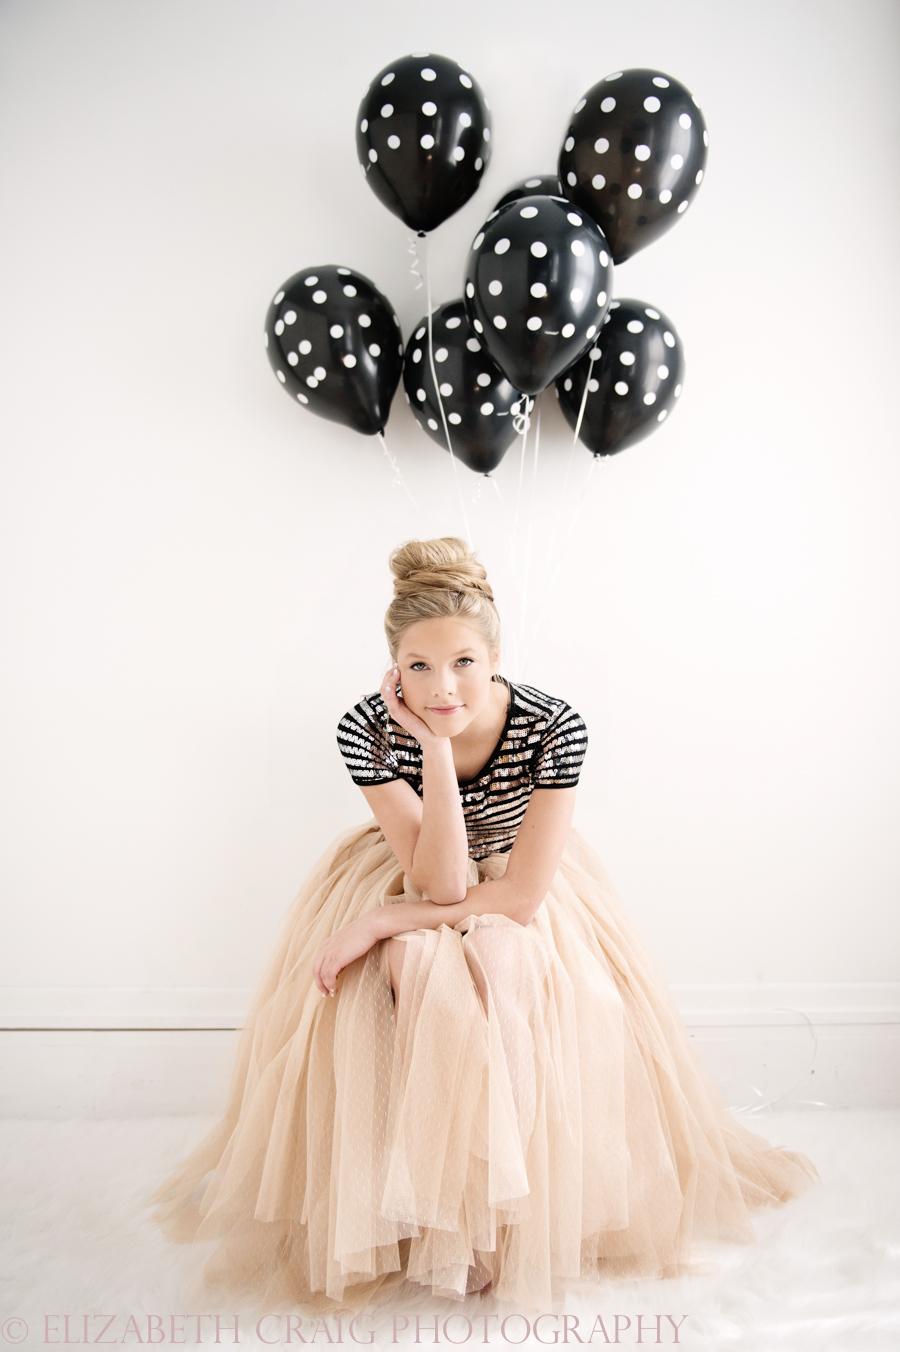 Pittsburgh Teen Girl Beauty Photography   Elizabeth Craig Photography-007